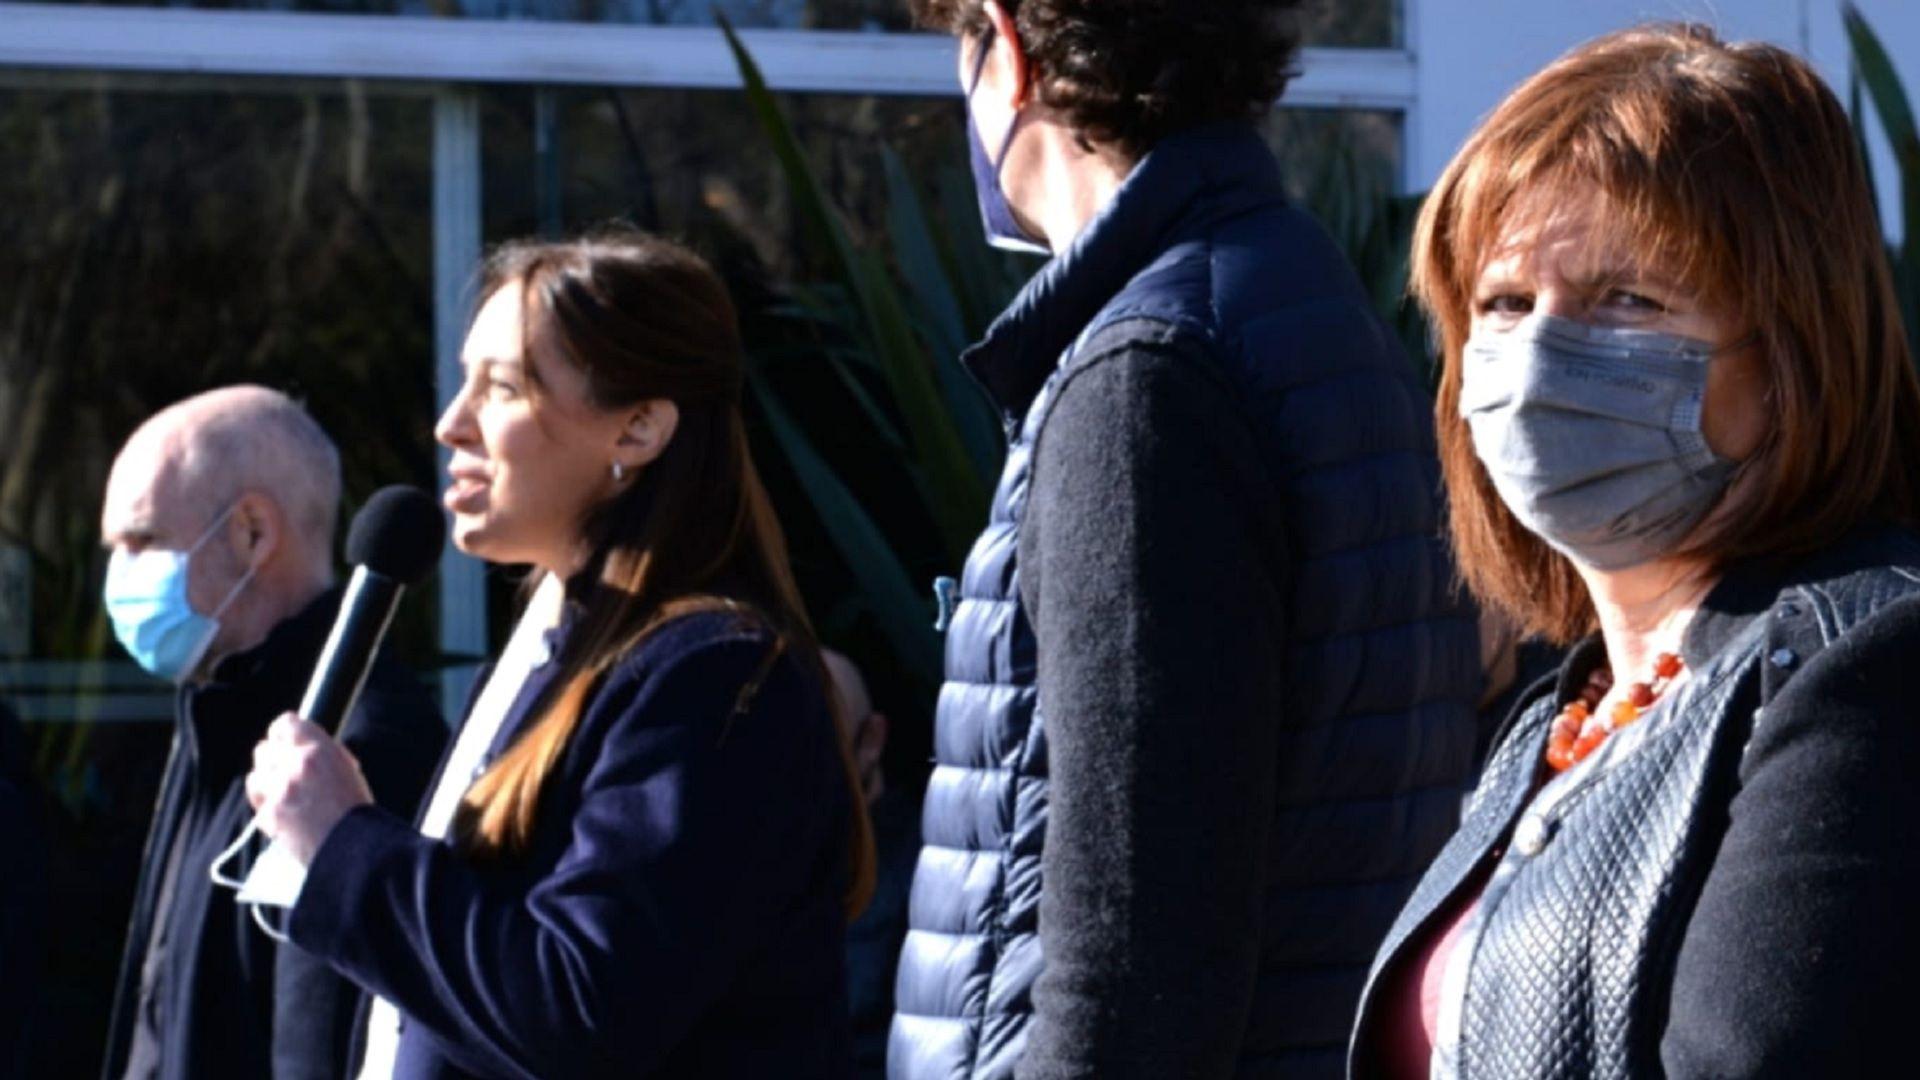 Patricia Bullrich, María Eugenia Vidal, Martín Lousteau y Horacio Rodríguez Larreta